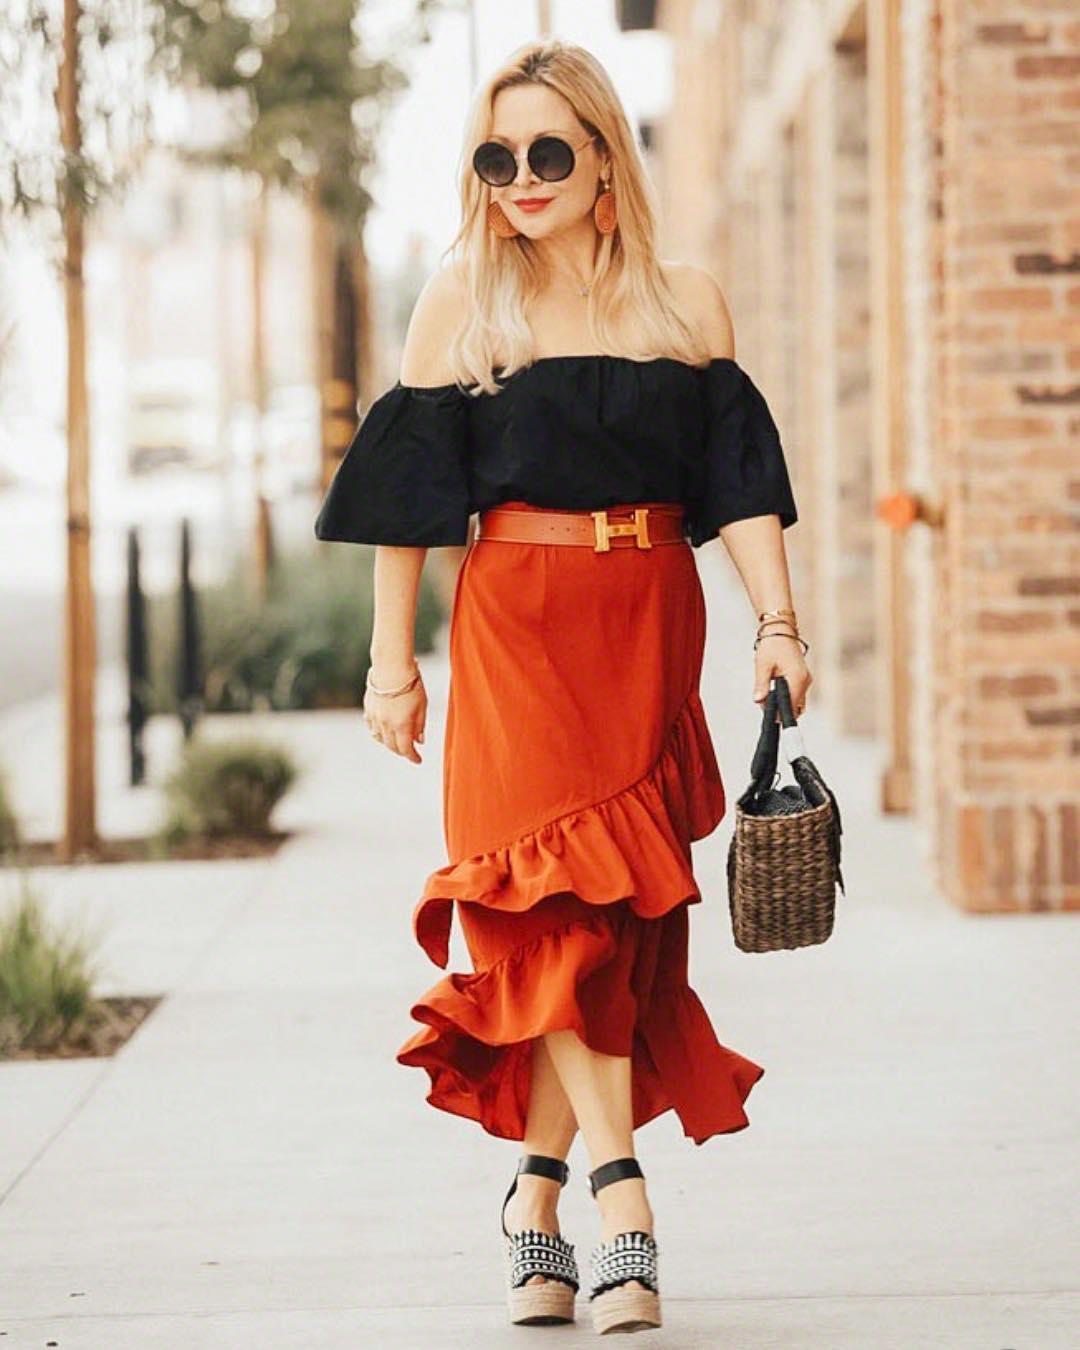 с чем носить юбку летом женщинам после 40 лет фото 7